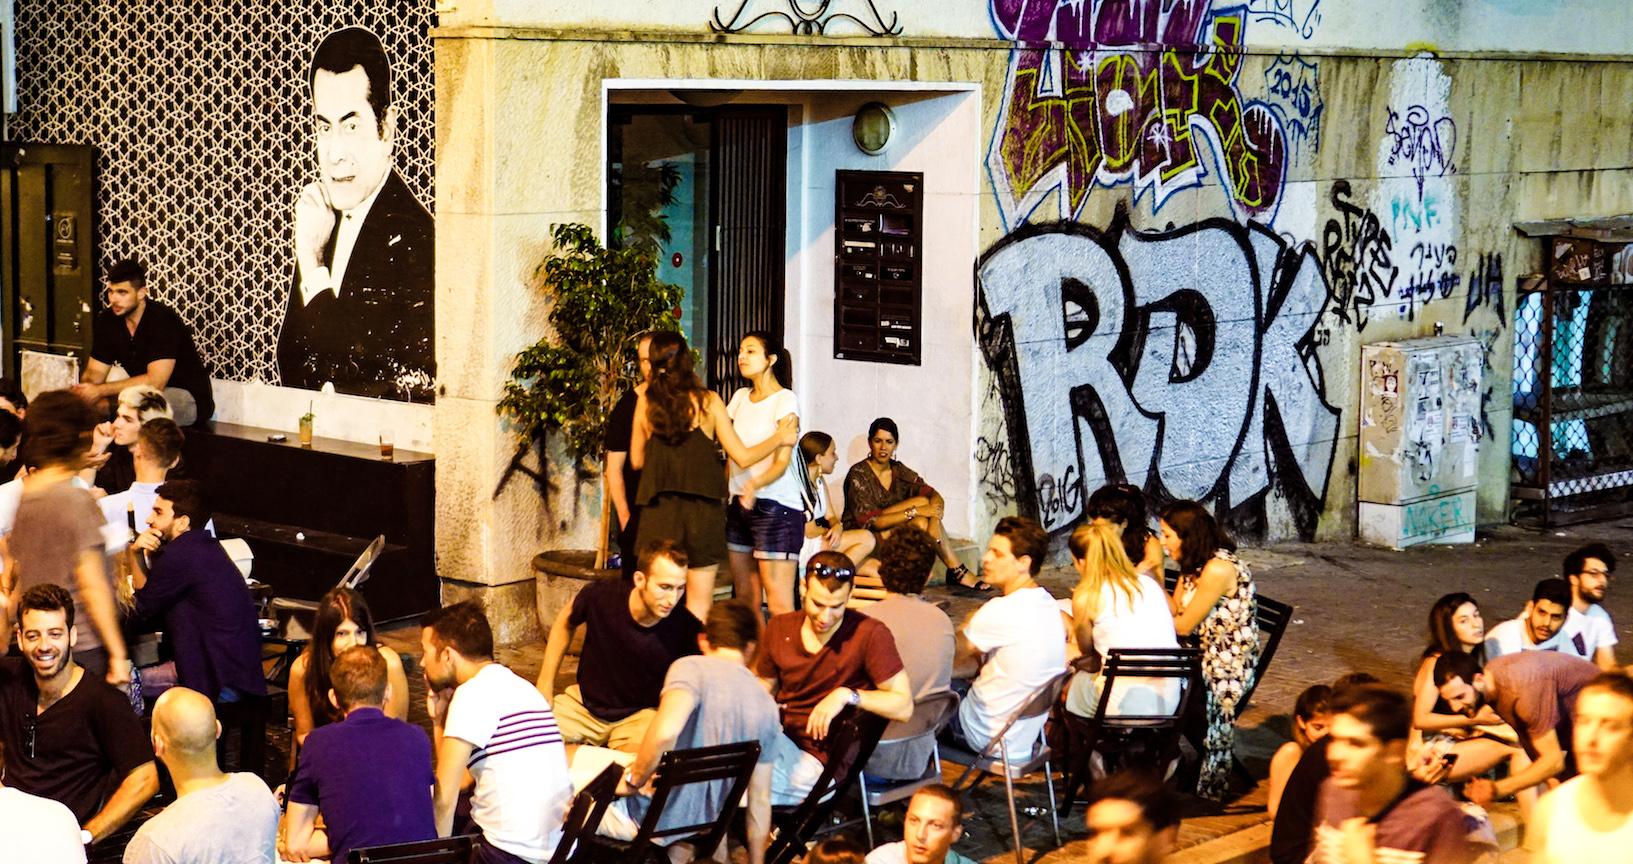 Casi cualquier rincón es válido para montar una terraza, incluso junto a la Gran Sinagoga. Así es Tel Aviv, desenfadada.